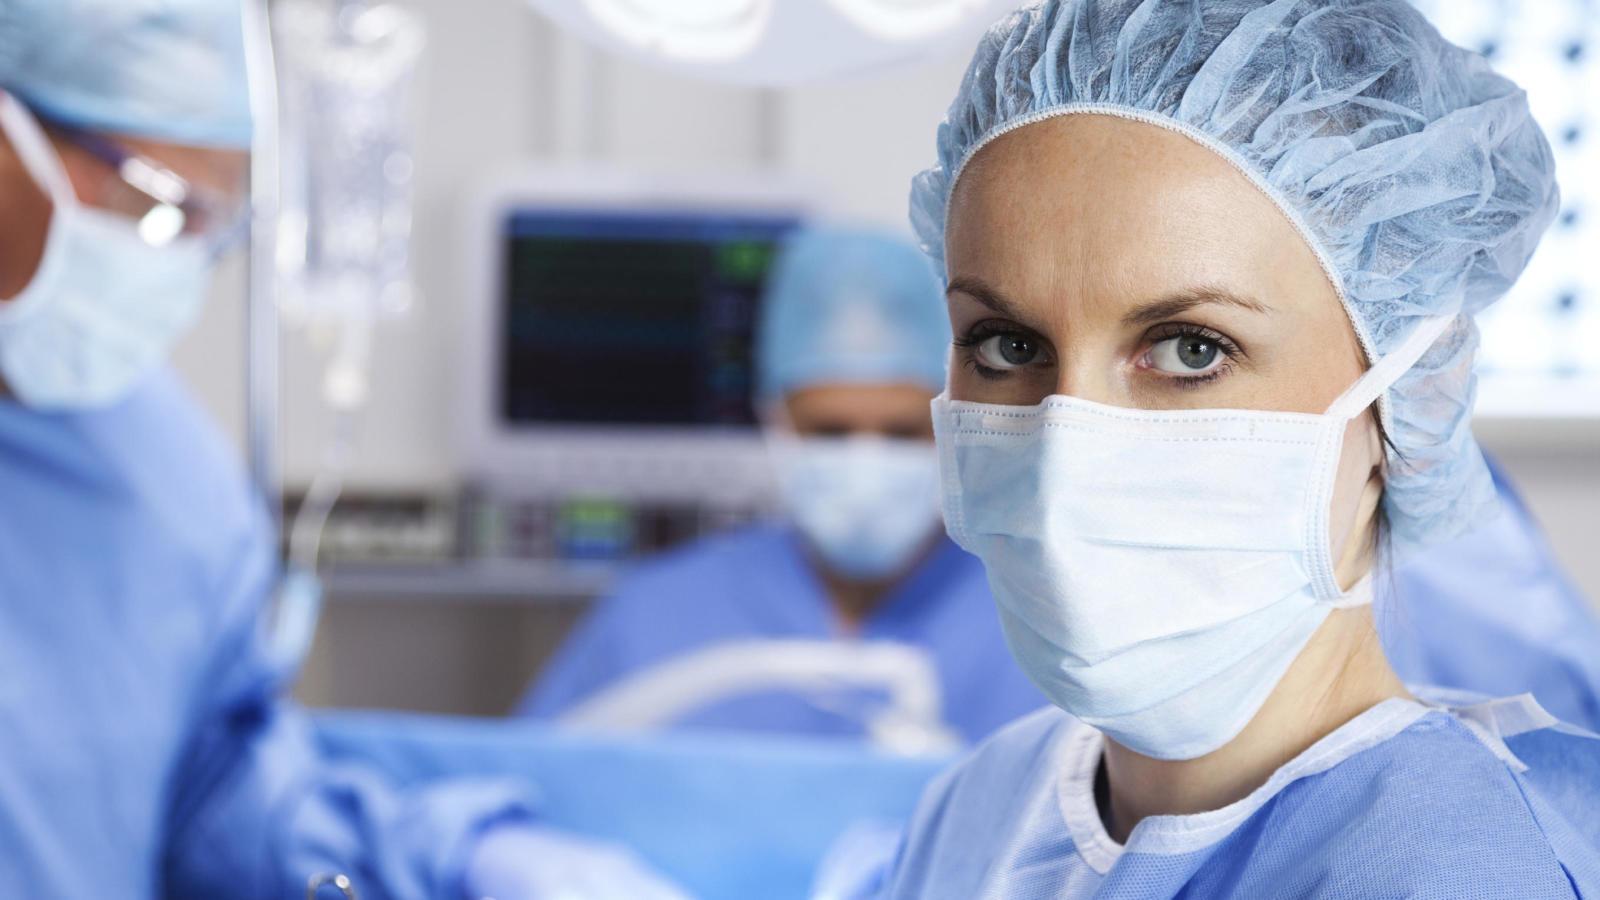 medicos trabajando